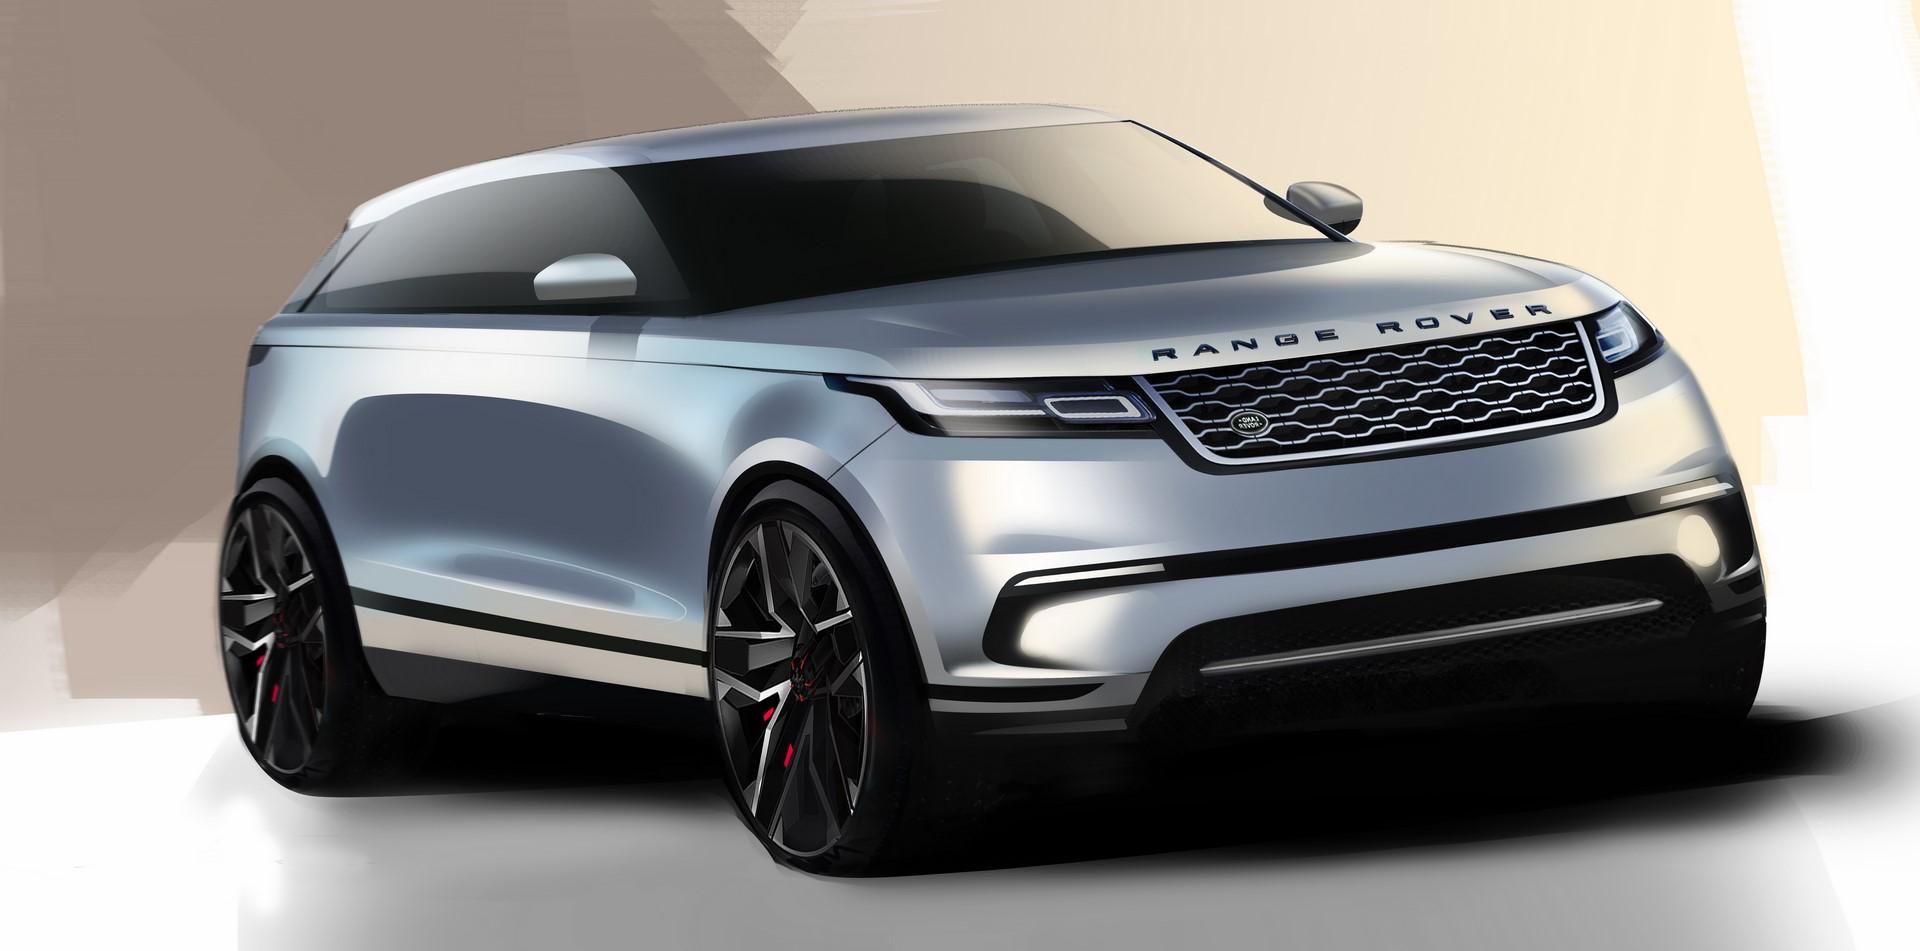 Range Rover Velar 2017 (91)